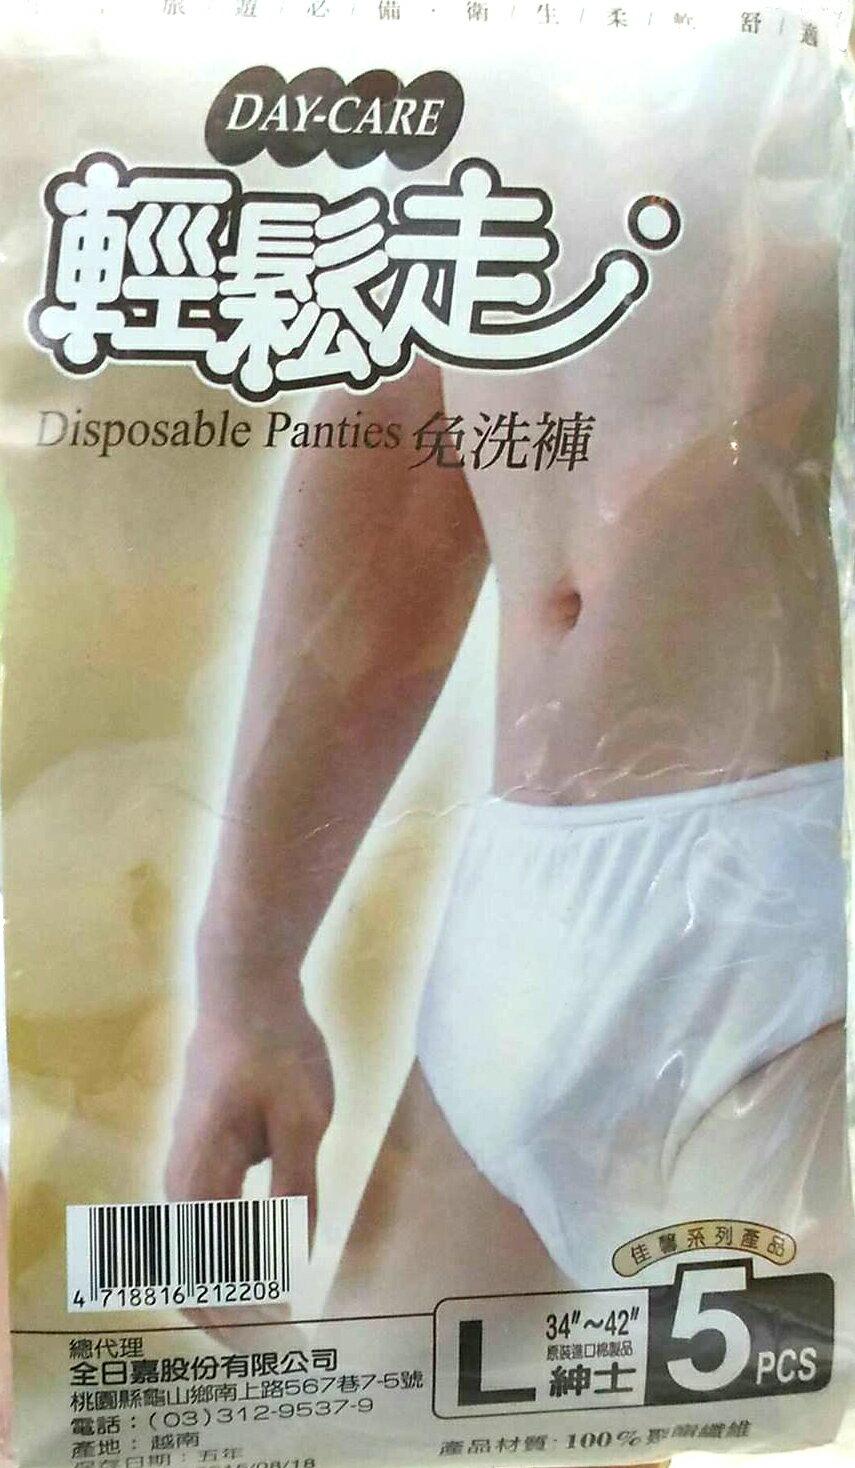 輕鬆走 免洗棉褲L(男仕專用)5入【德芳保健藥妝】免洗褲